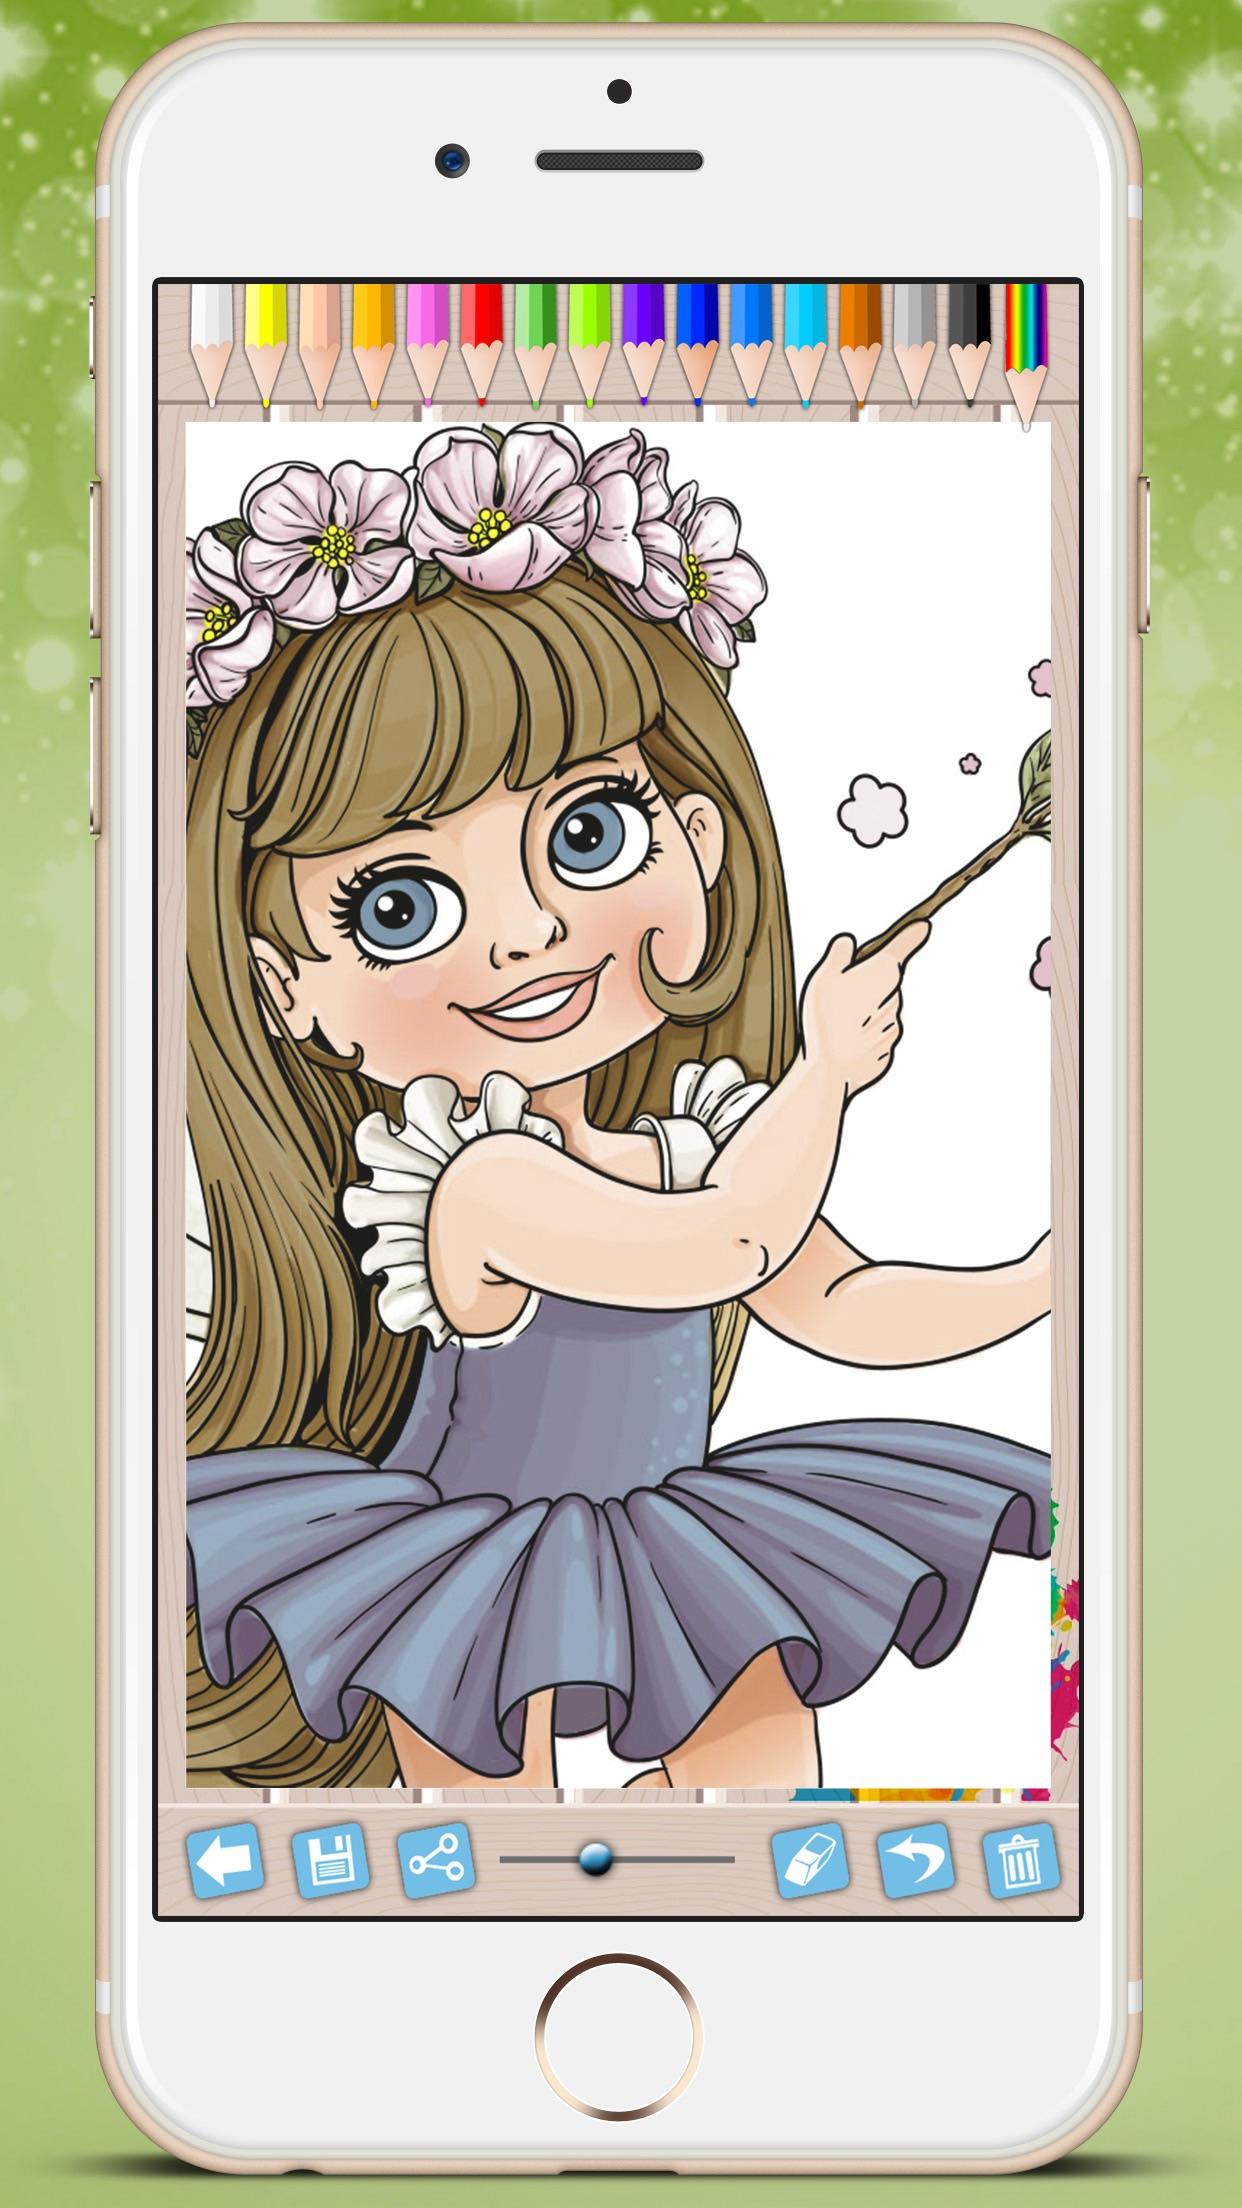 仙女公主涂色儿童画画游戏